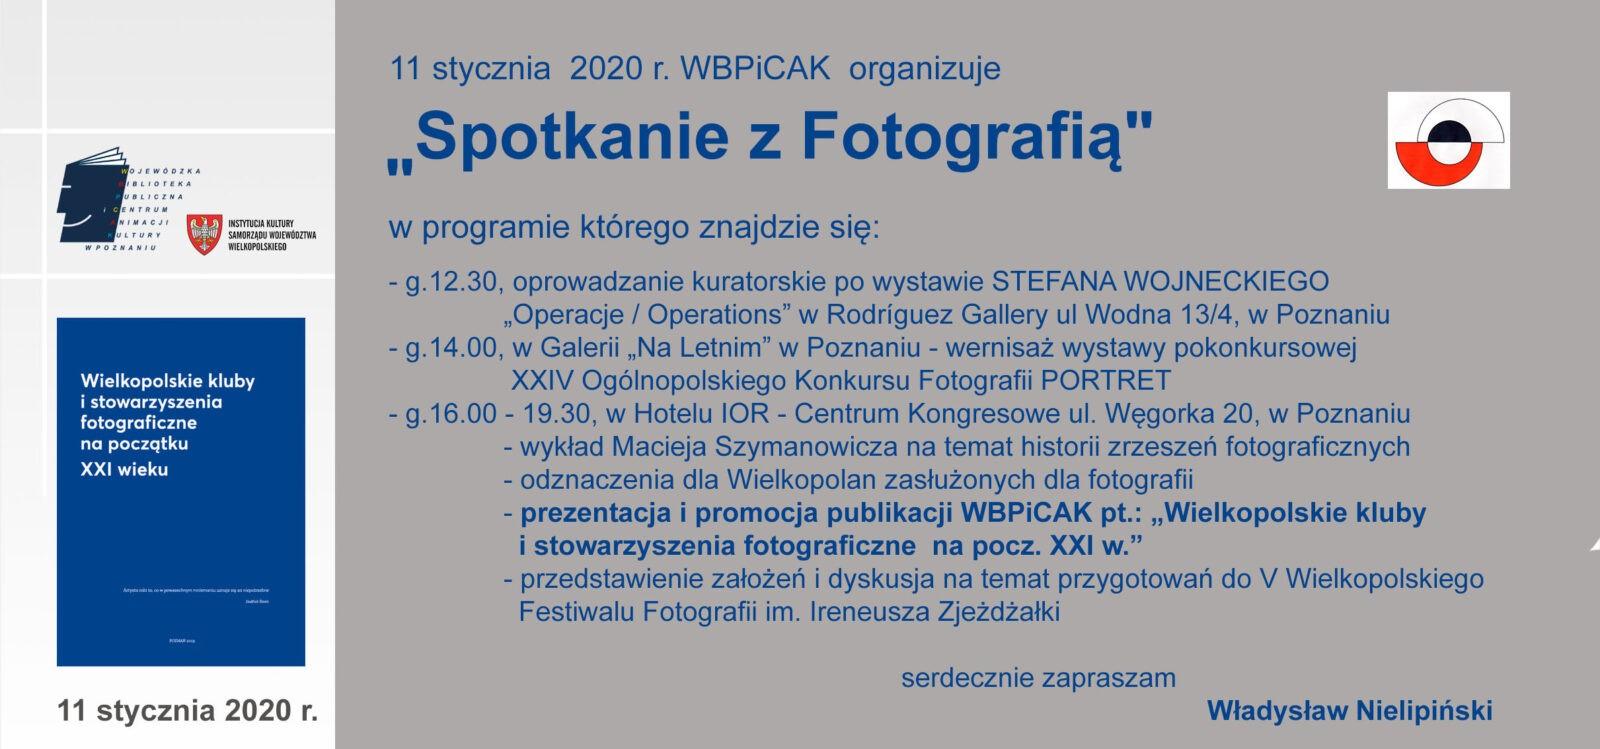 Spotkanie z Fotografią, Poznań 2020